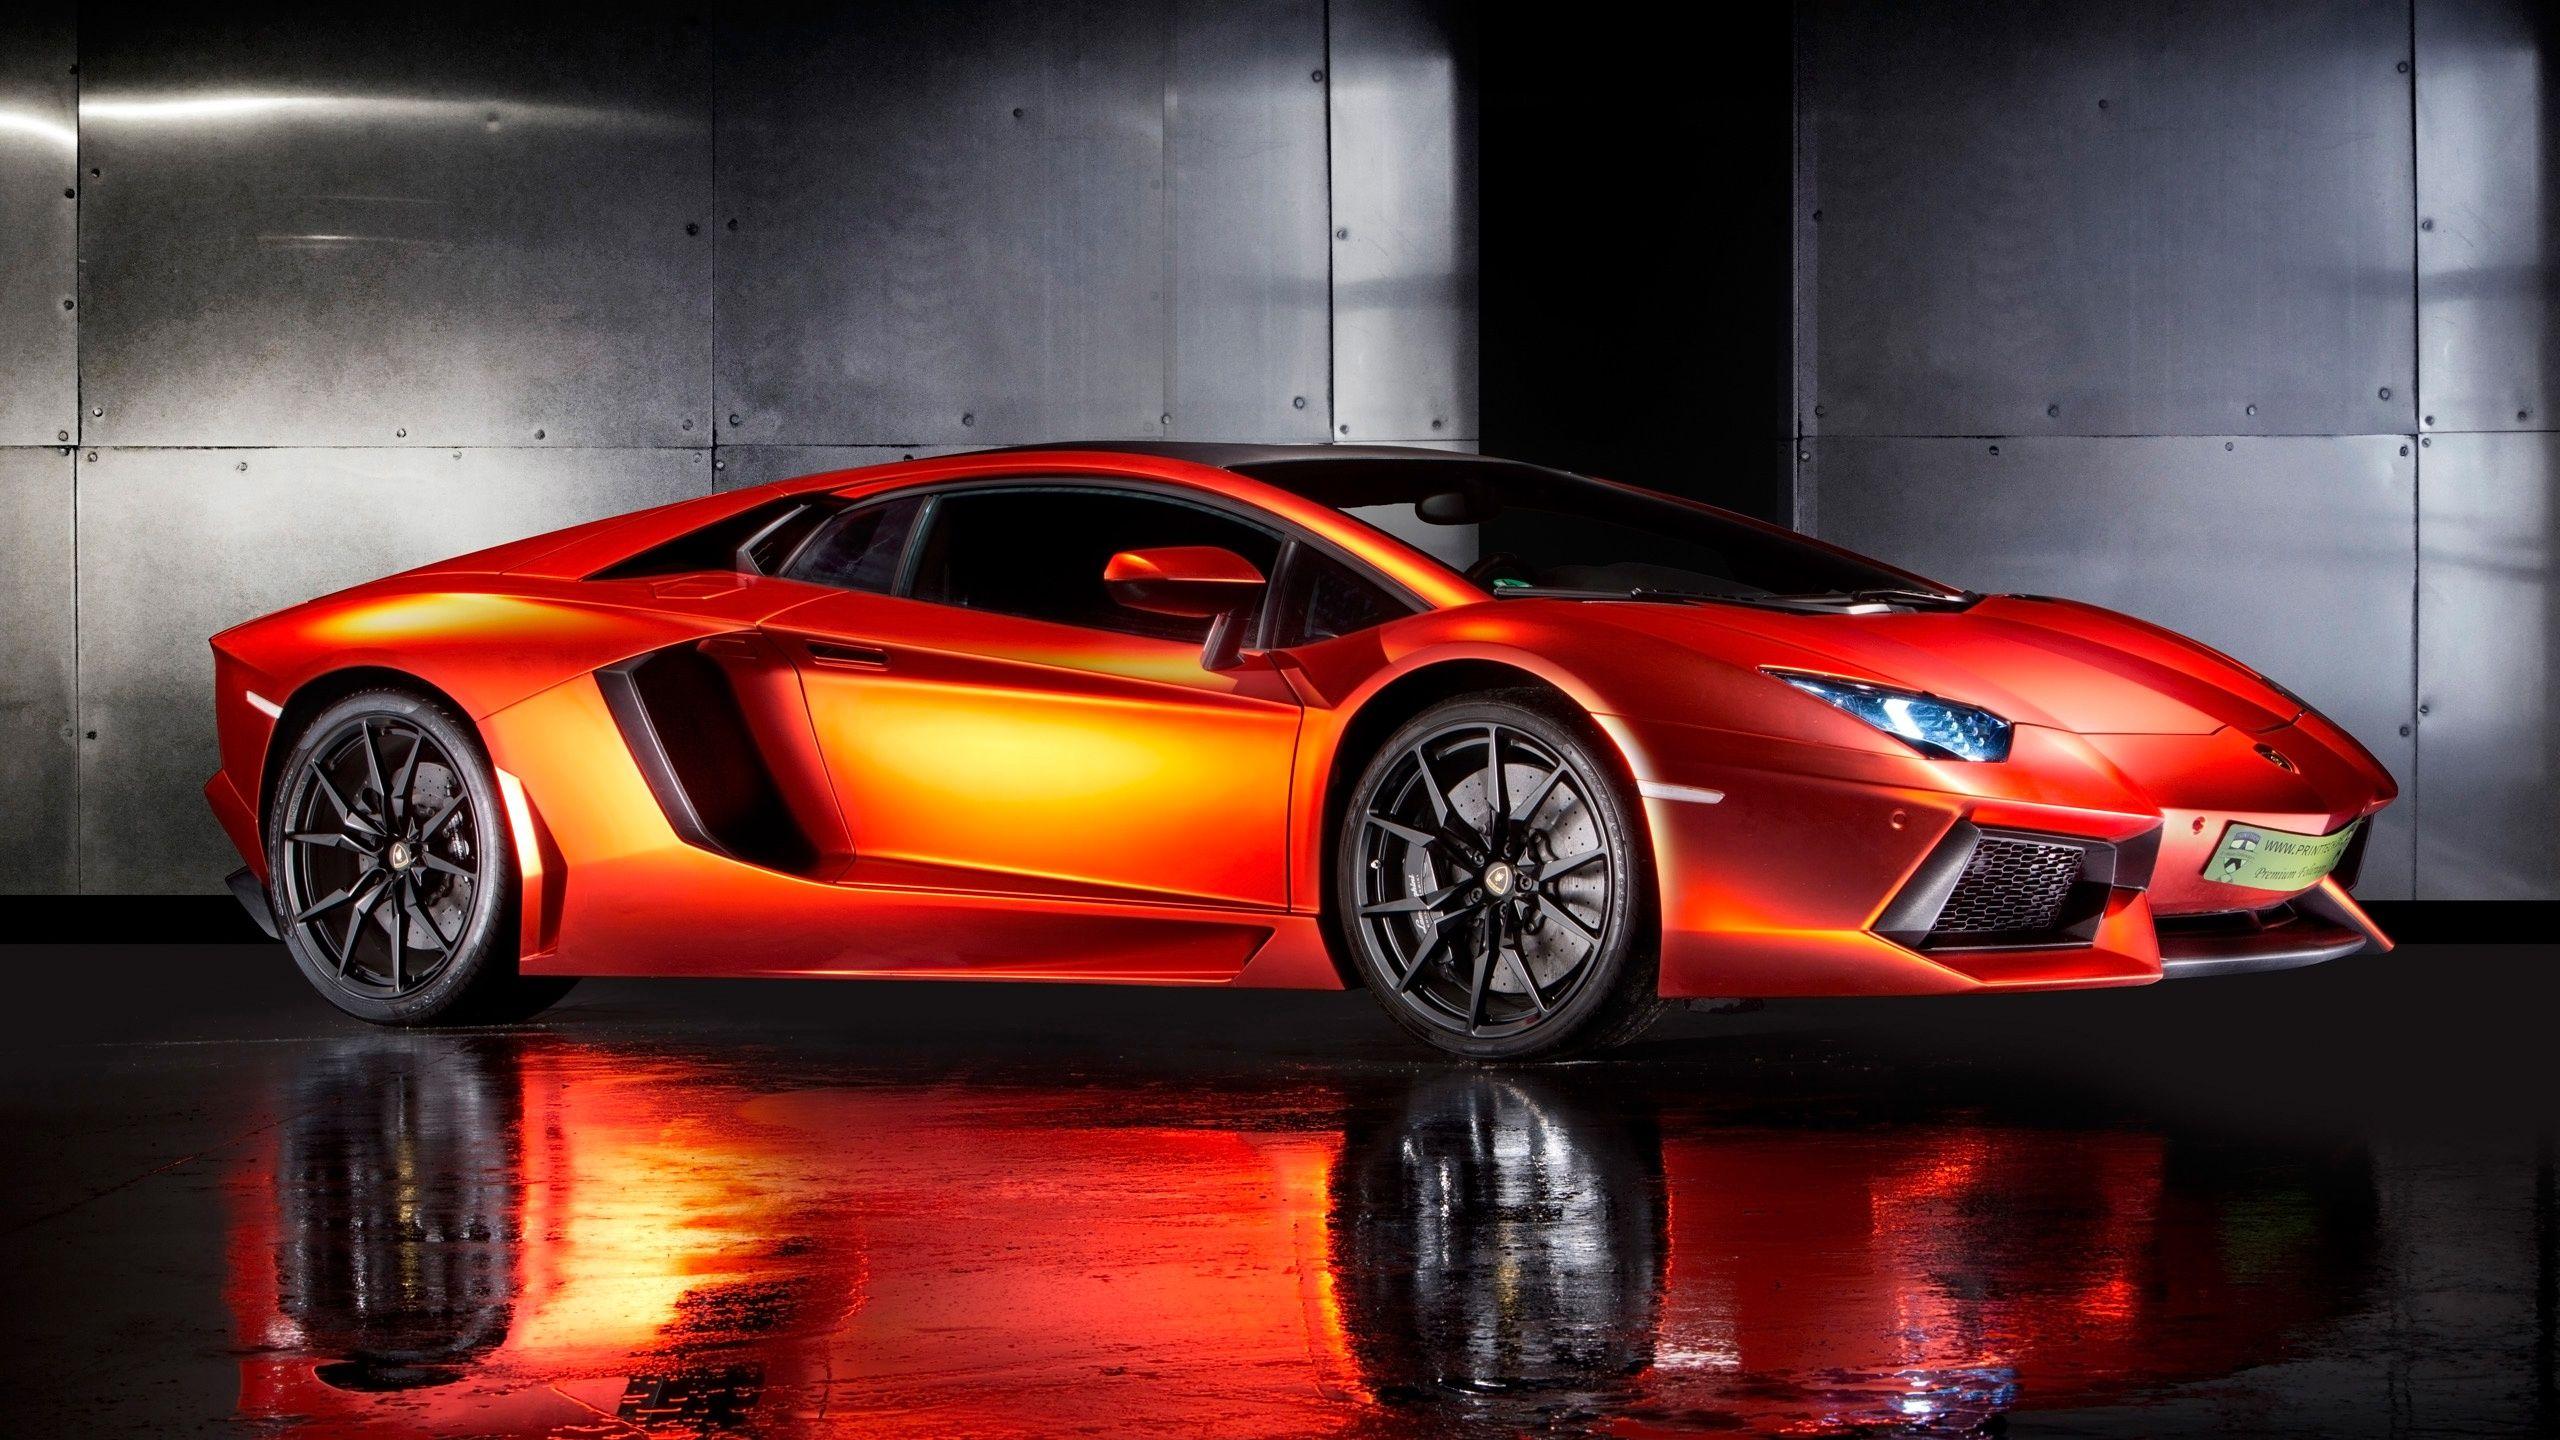 Wallpaper Mobil Sport Lamborghini Aventador Sobkerenabis